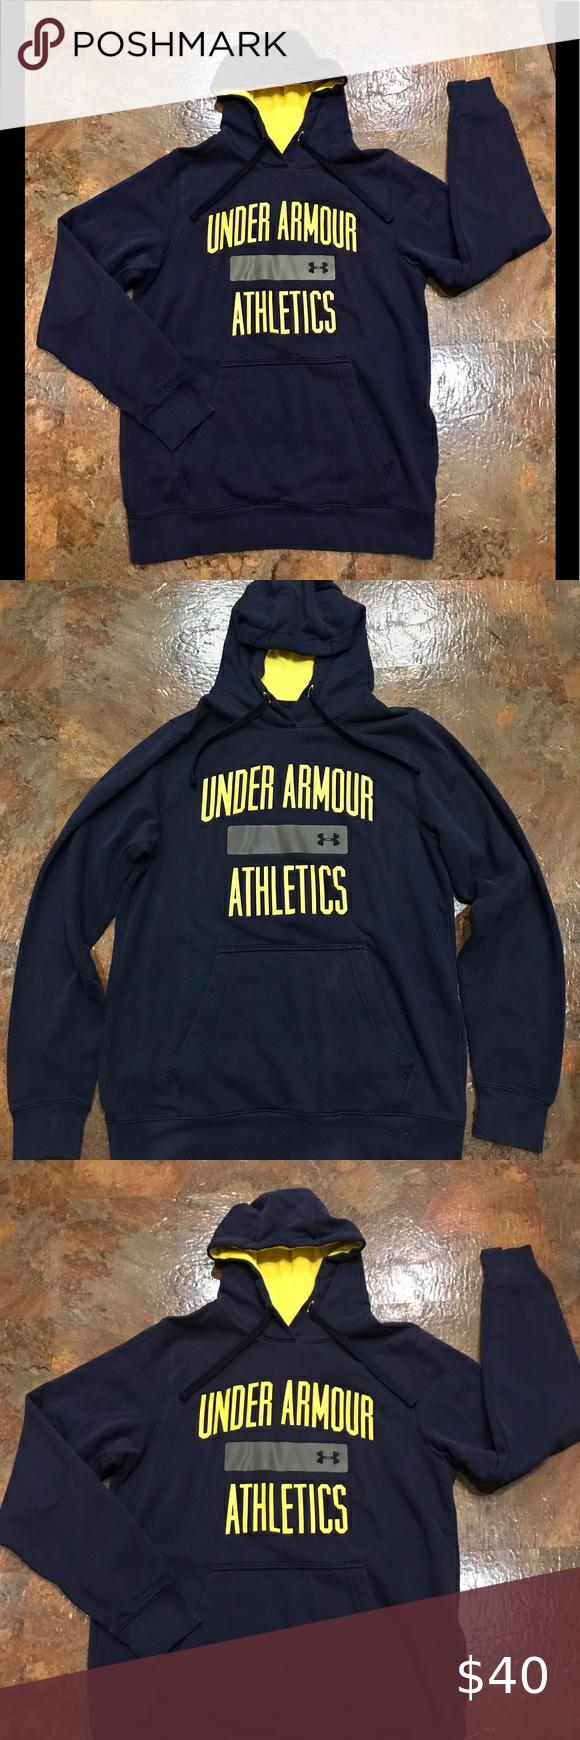 Under Armour Navy Loose Fit Very Sweatshirt In 2021 Cute Sweatshirts Mesh Hoodie Underarmor Hoodie [ 1740 x 580 Pixel ]